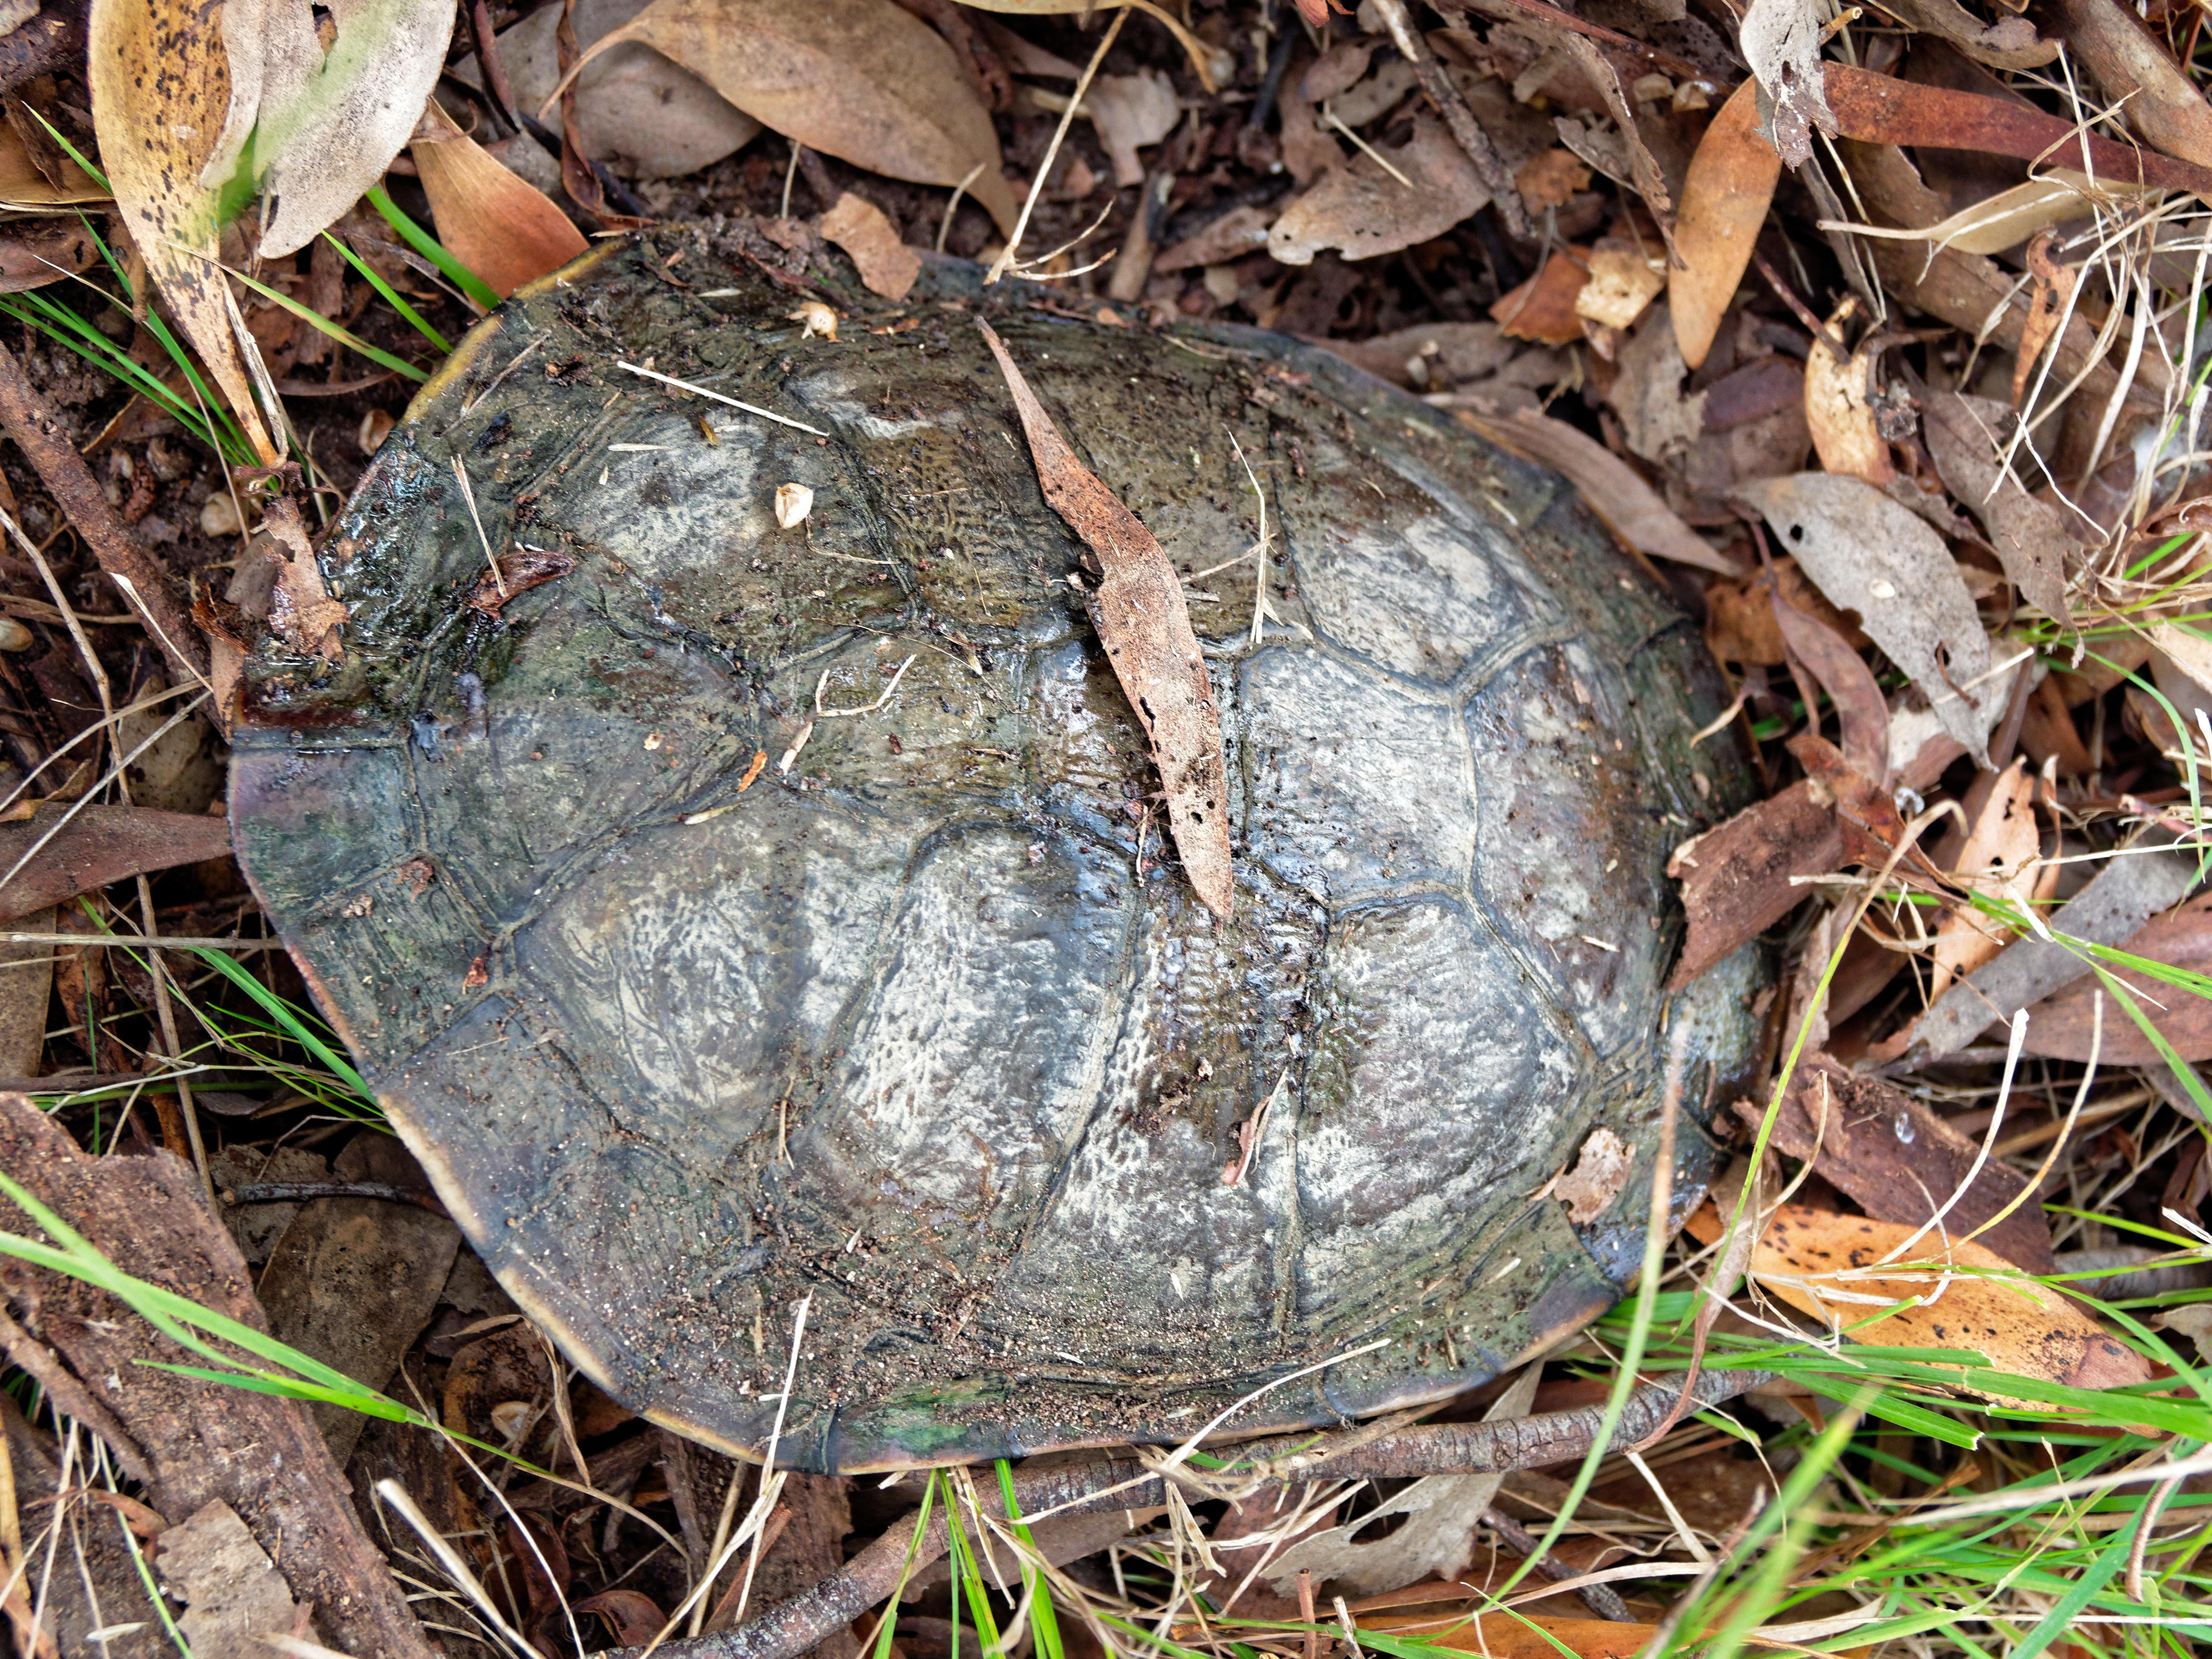 Tortoise-2.jpeg